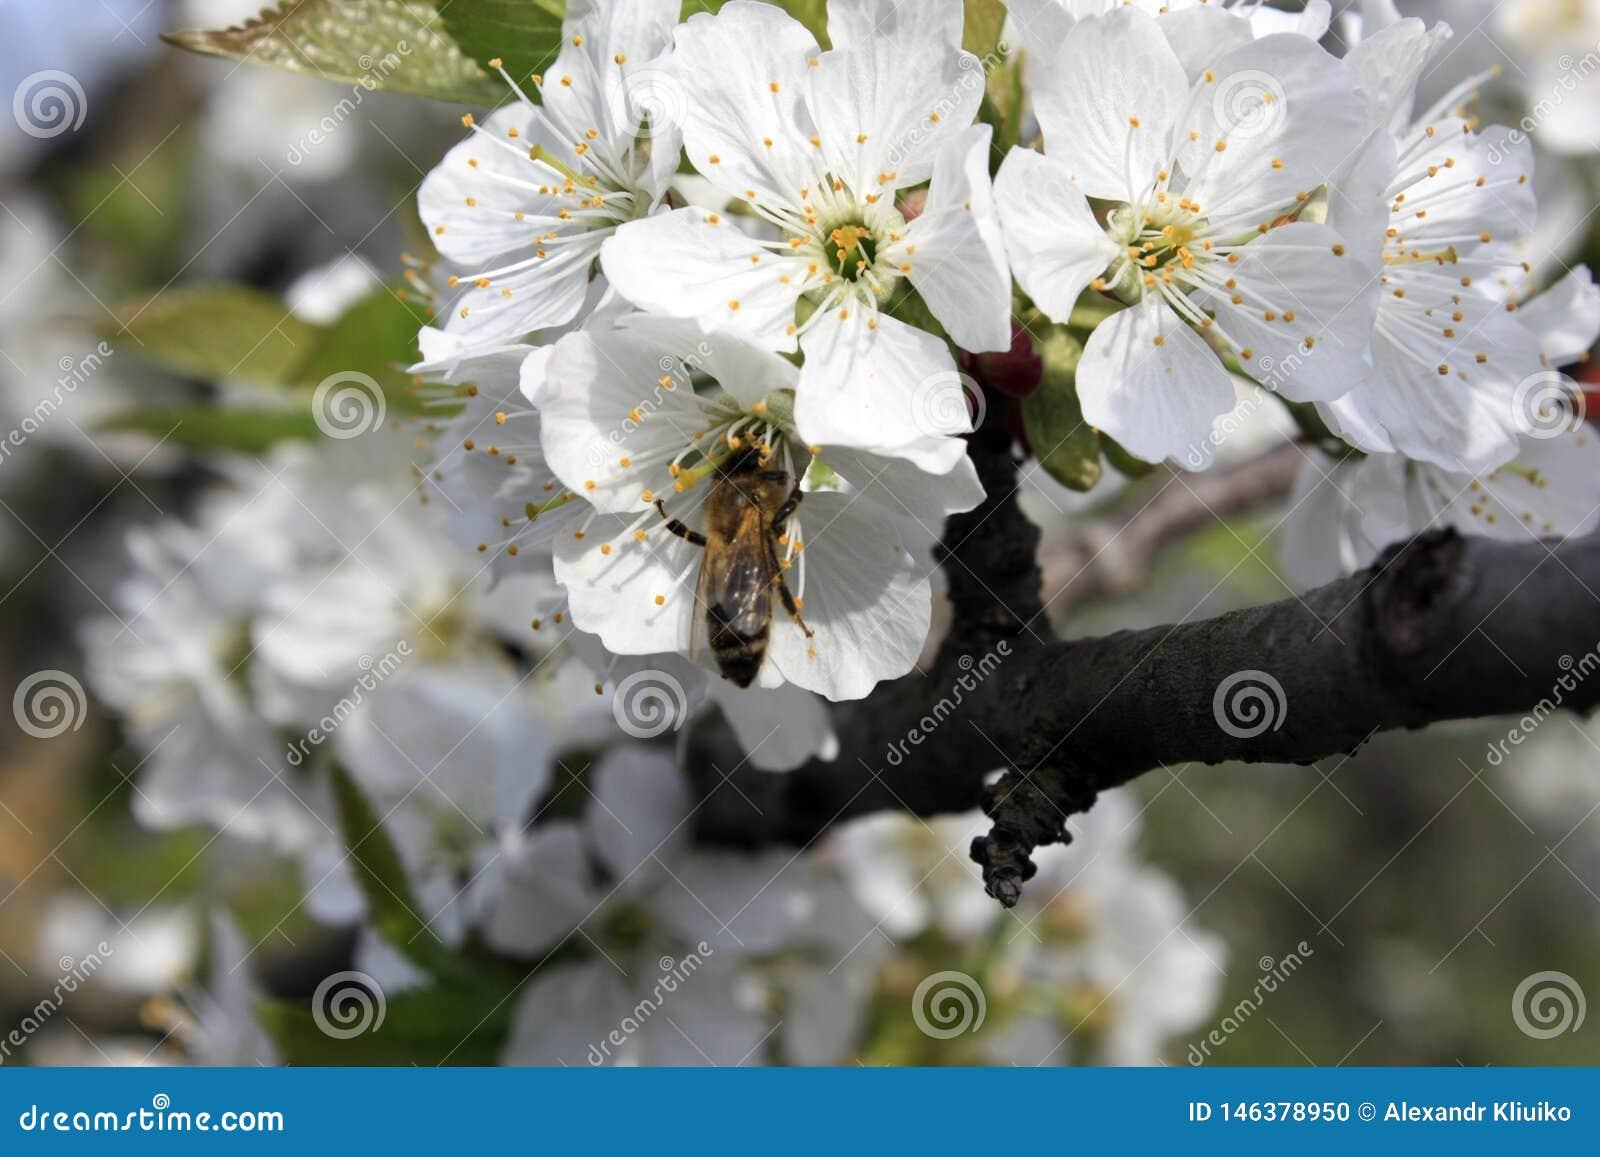 Uma árvore de fruto de florescência com uma abelha em uma flor branco-cor-de-rosa Fundo borrado, dia de mola ensolarado claro Fot